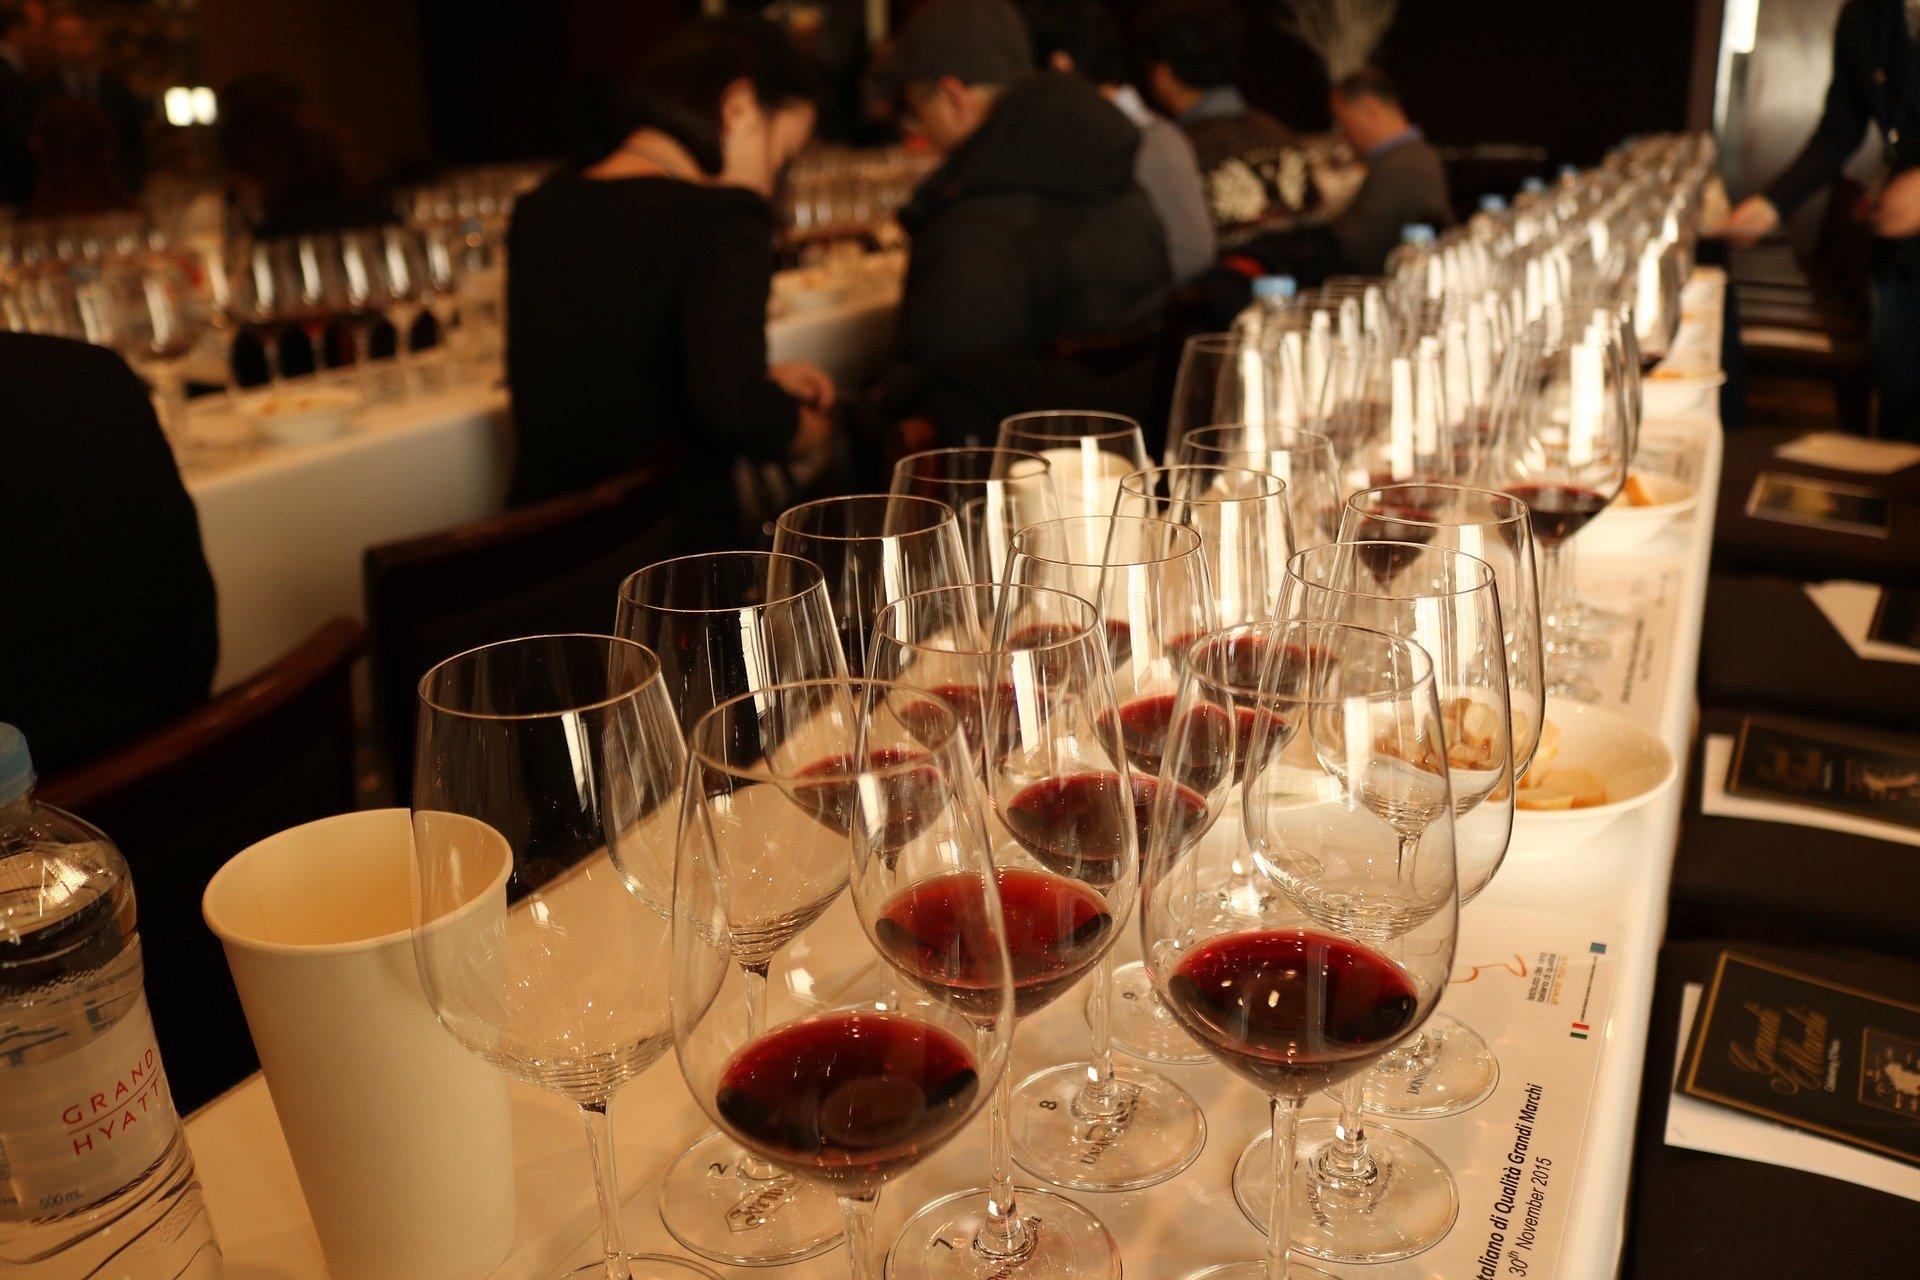 Lo scandalo che ha travolto Master Wine Sommeliers